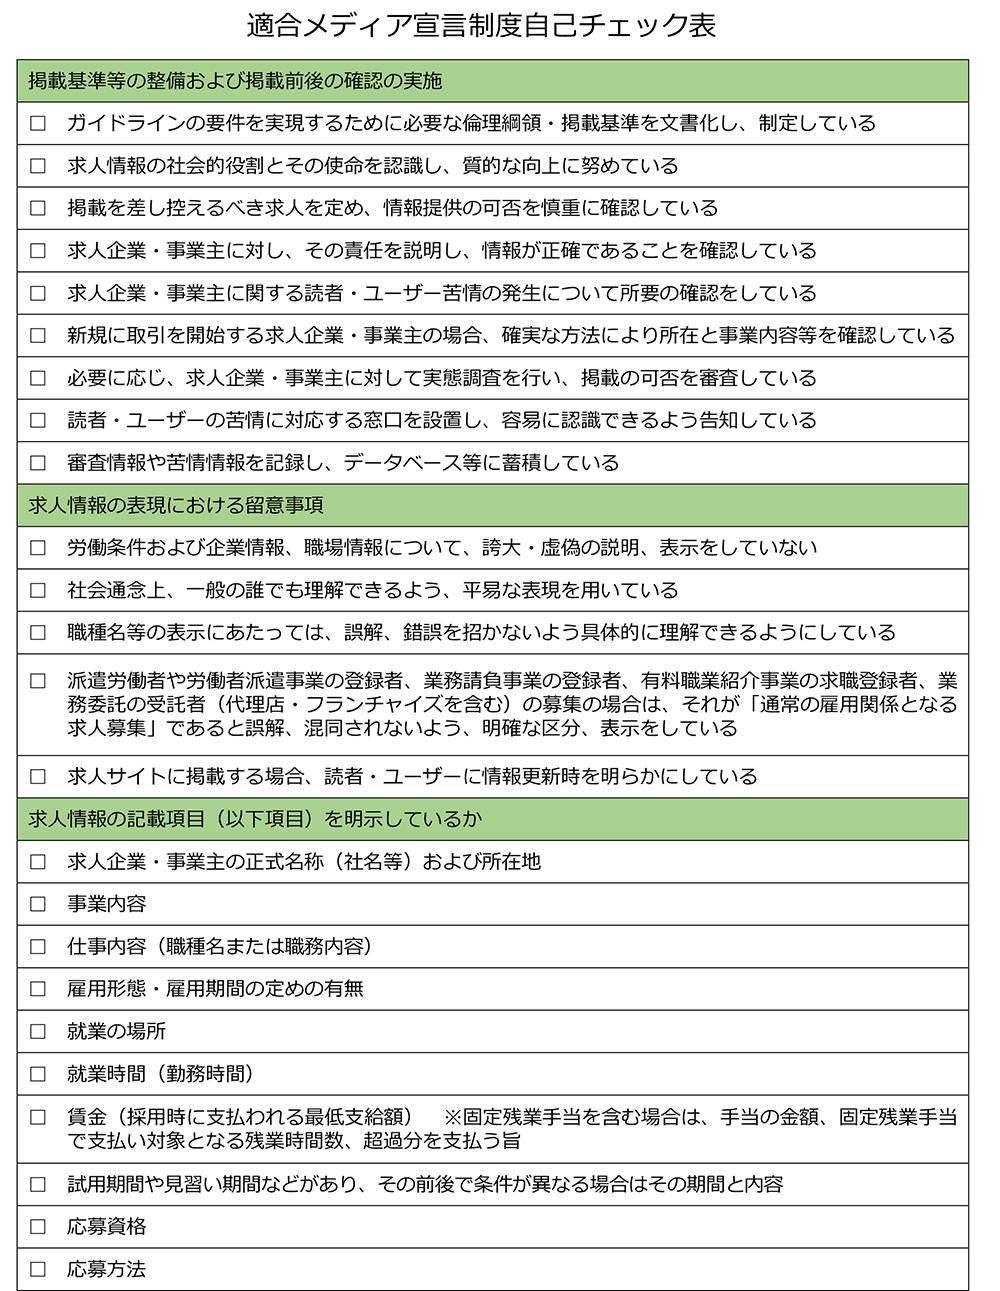 求人情報提供ガイドライン[PDF]